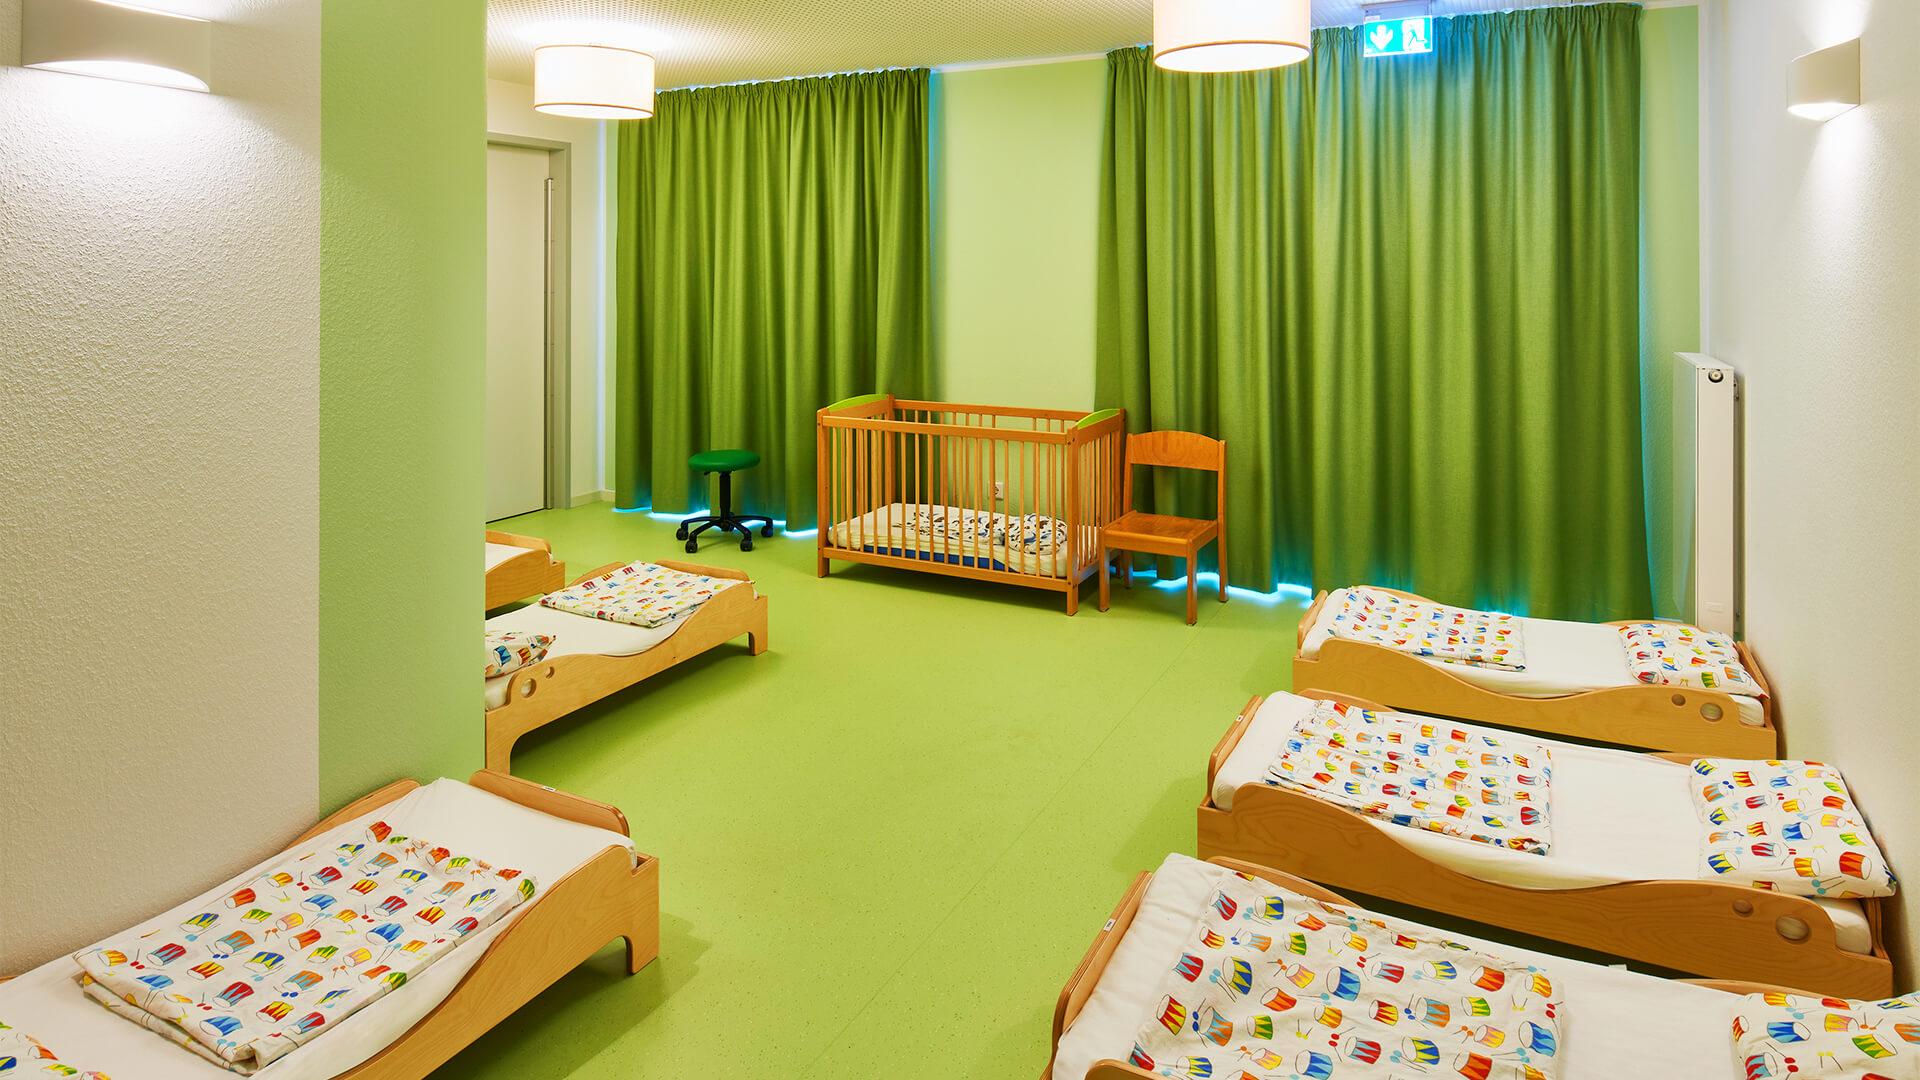 Grüner Ruheraum der Kita in Neuss, mit Betten für kleine und große Kinder